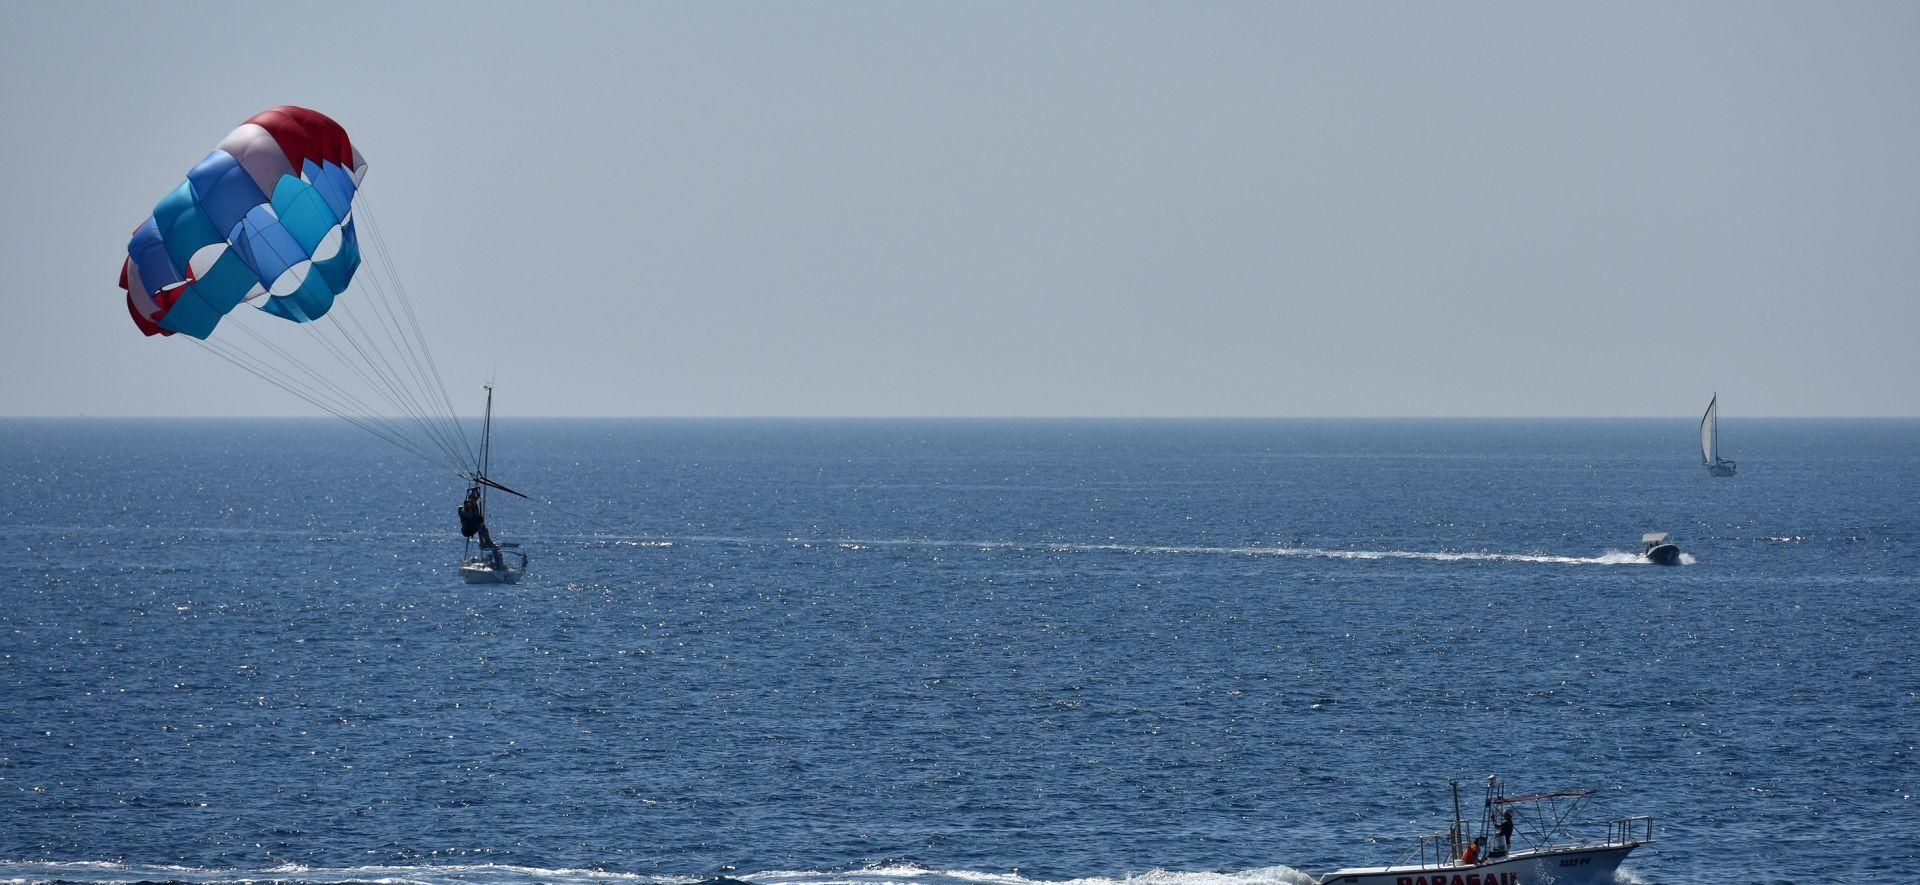 INSTITUT PLAVI SVIJET: Buka i njezini izvori u Jadranskome moru znatni